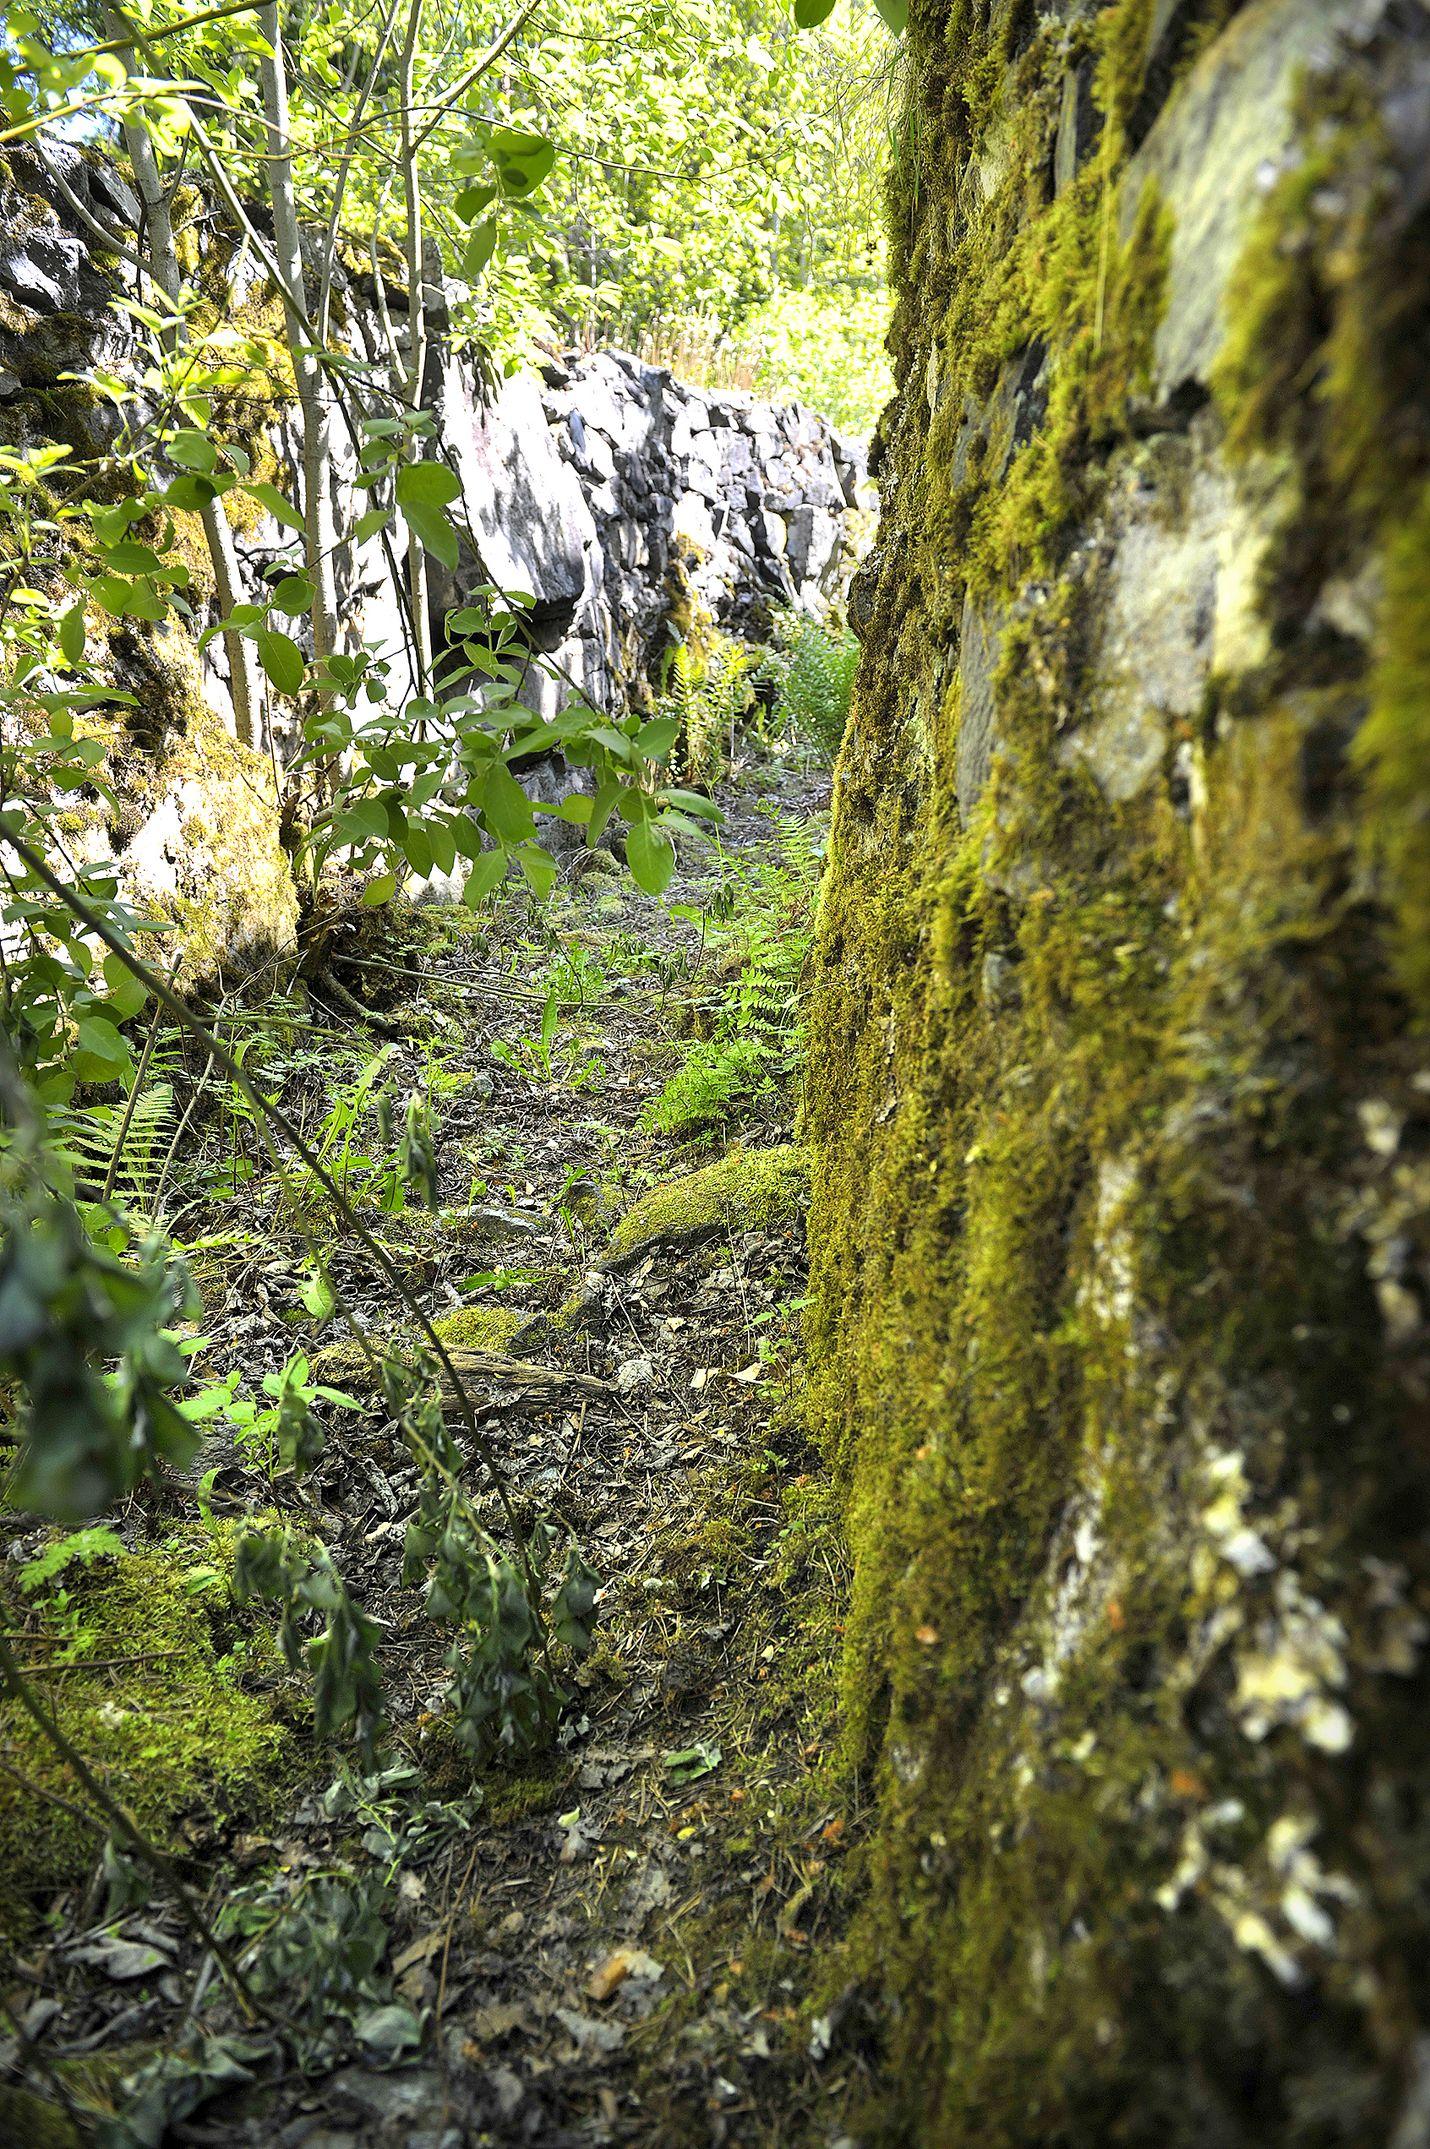 Tällä hetkellä valleissa ei näy valleissa ei näy roskia, mutta ne ovat kuitenkin paikoin pensaiden peitossa. Arkeologi Leena Koivisto kaipaisi paikalle myös sen historiasta kertovia kylttejä.